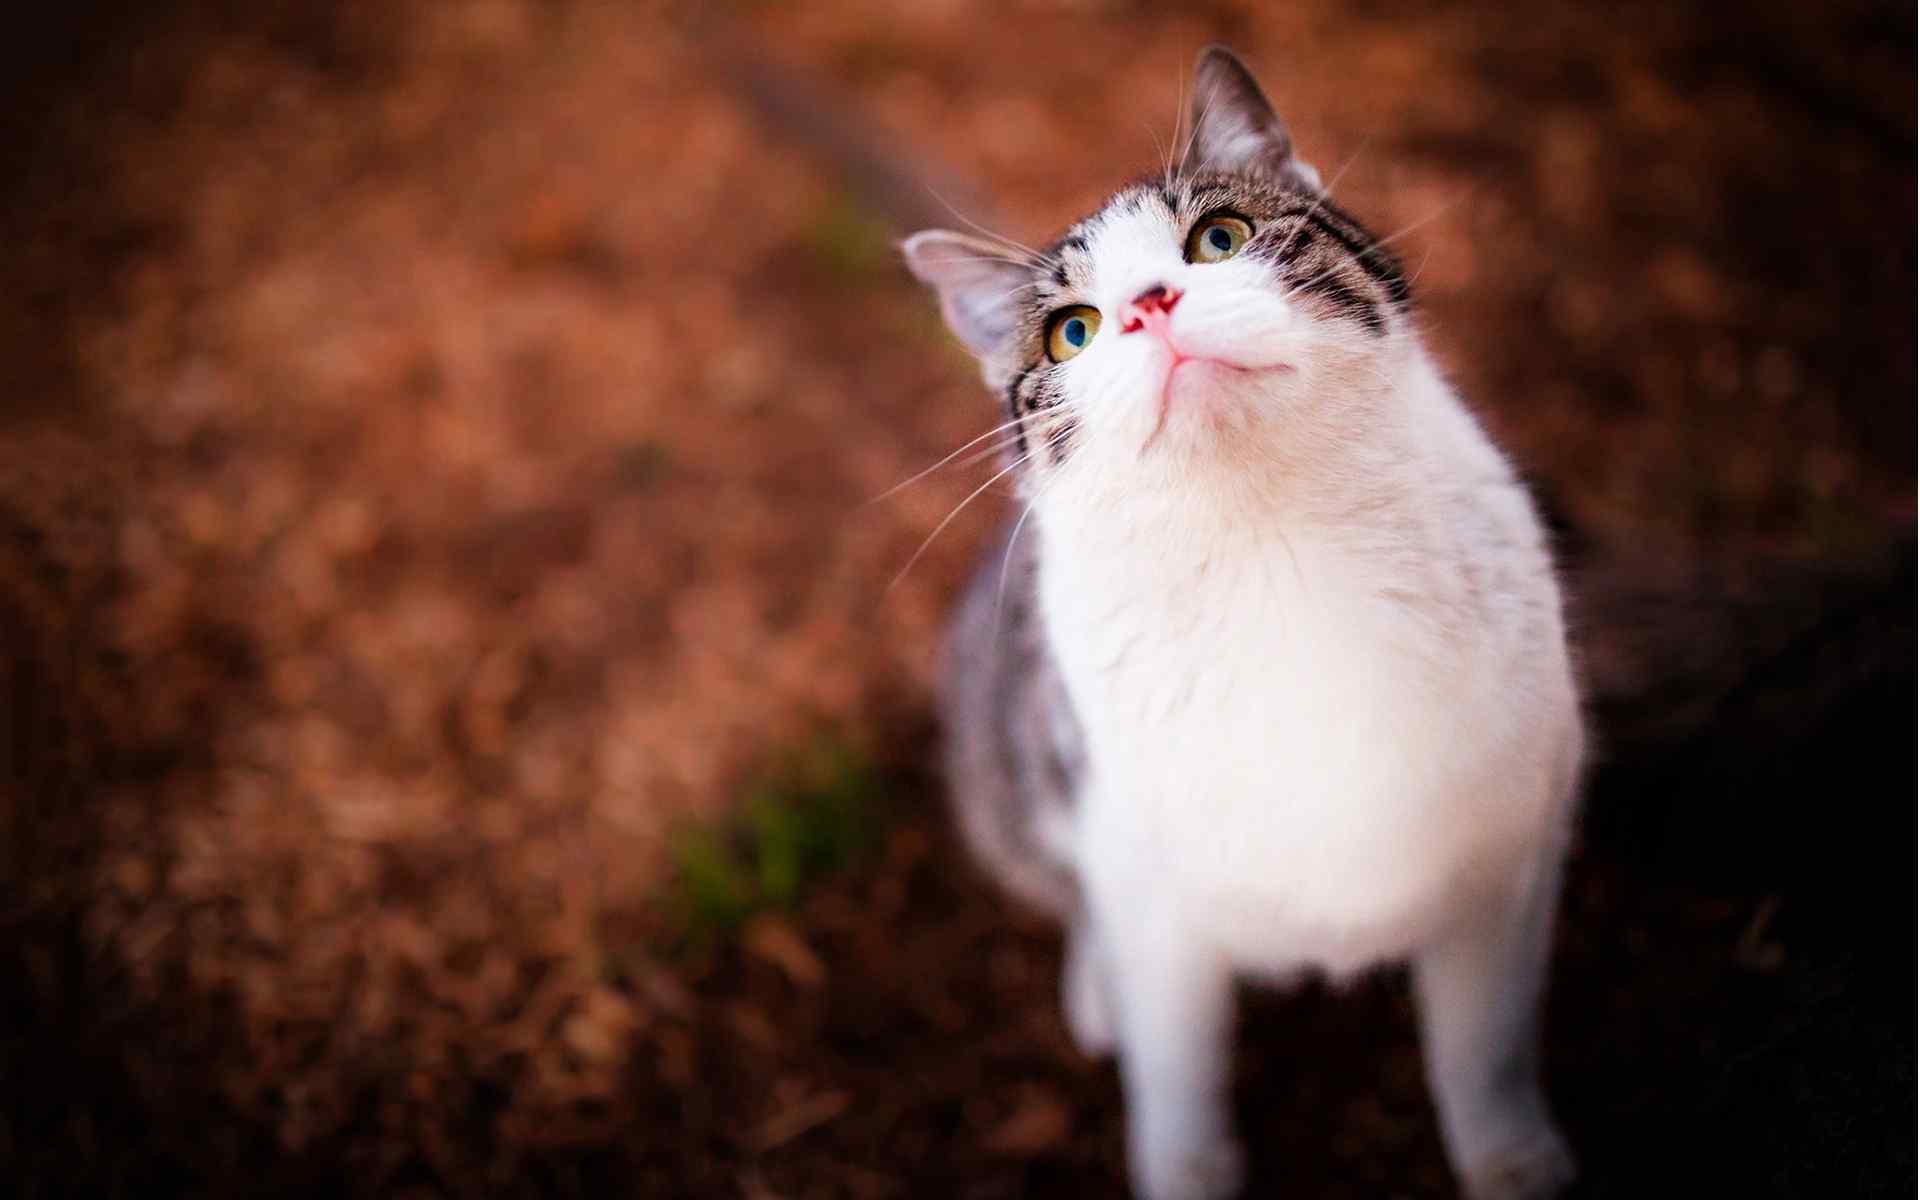 壁纸 动物壁纸 > 呆萌可爱的猫咪桌面壁纸